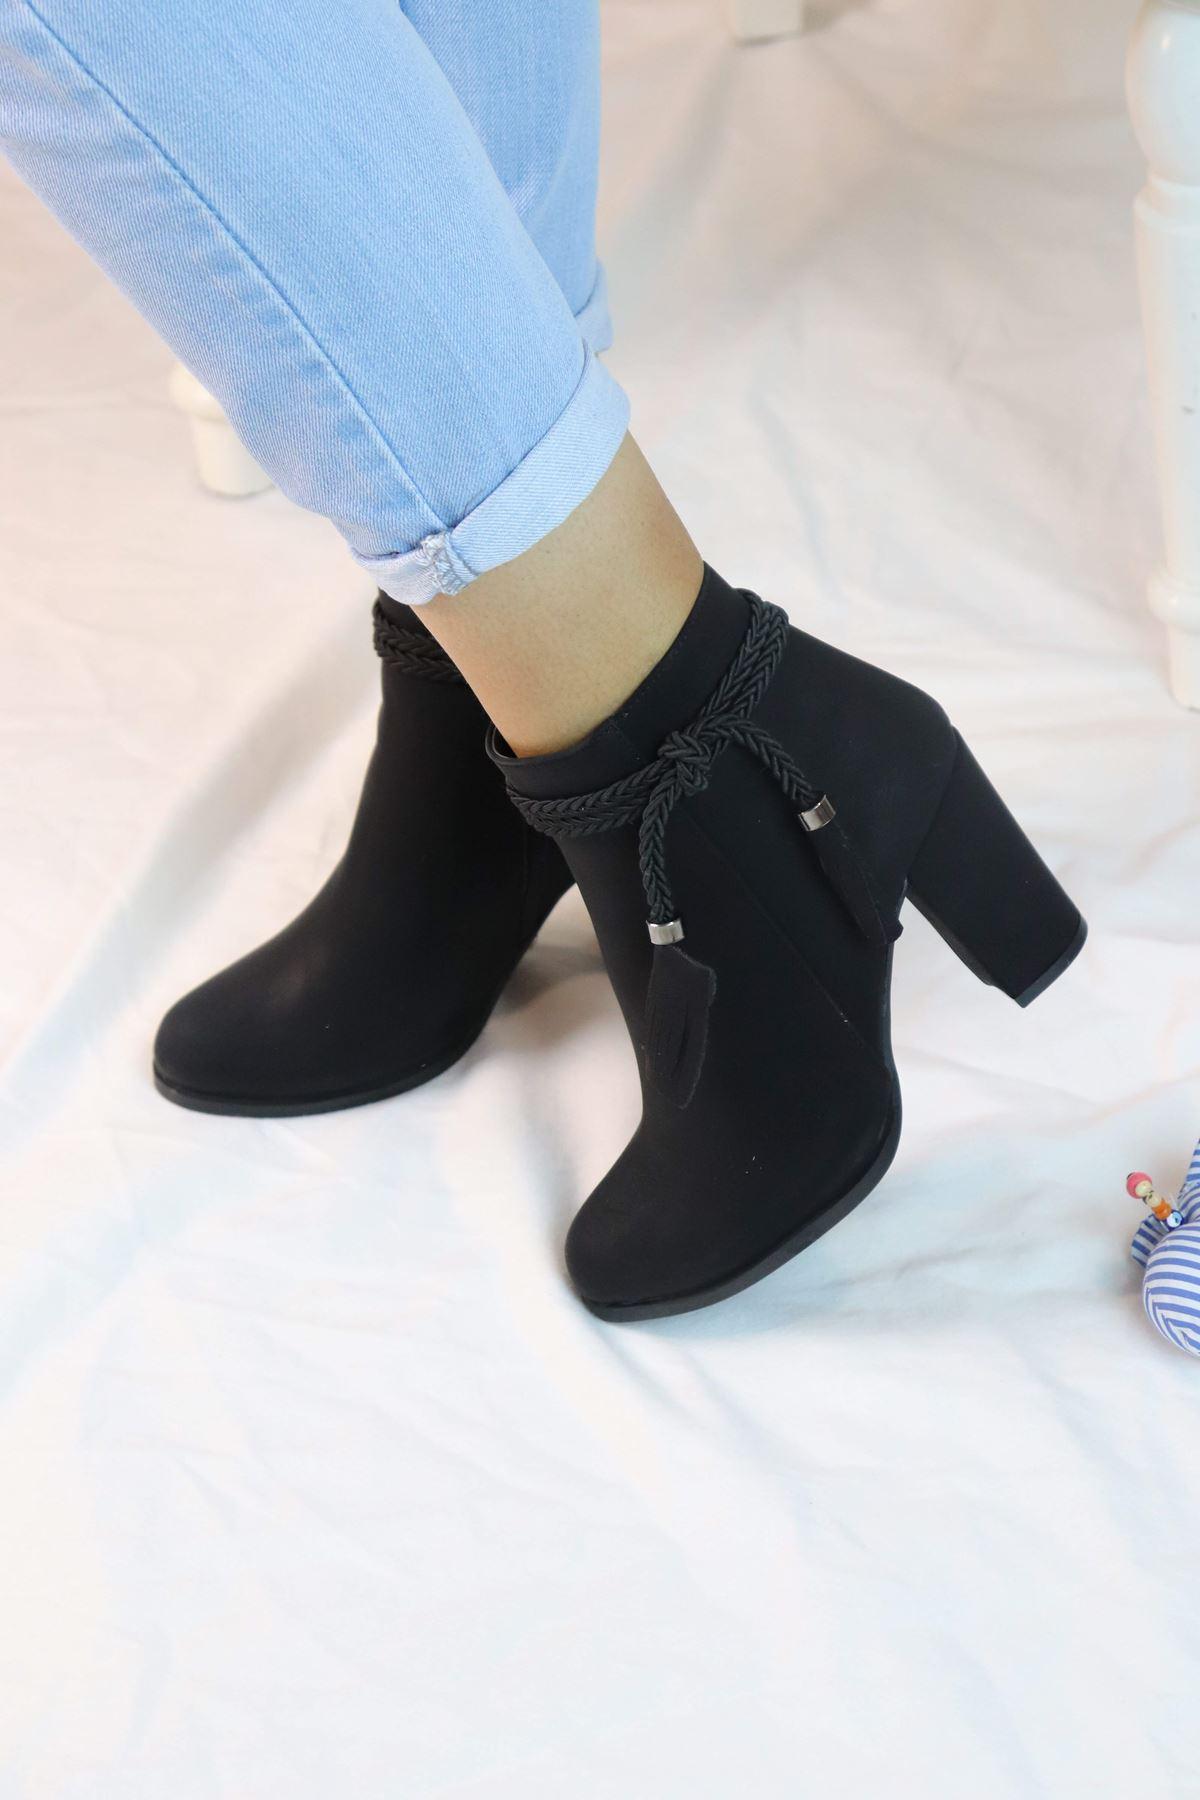 Trendayakkabı - Örgü Detaylı Yüksek Topuk Kadın Bot